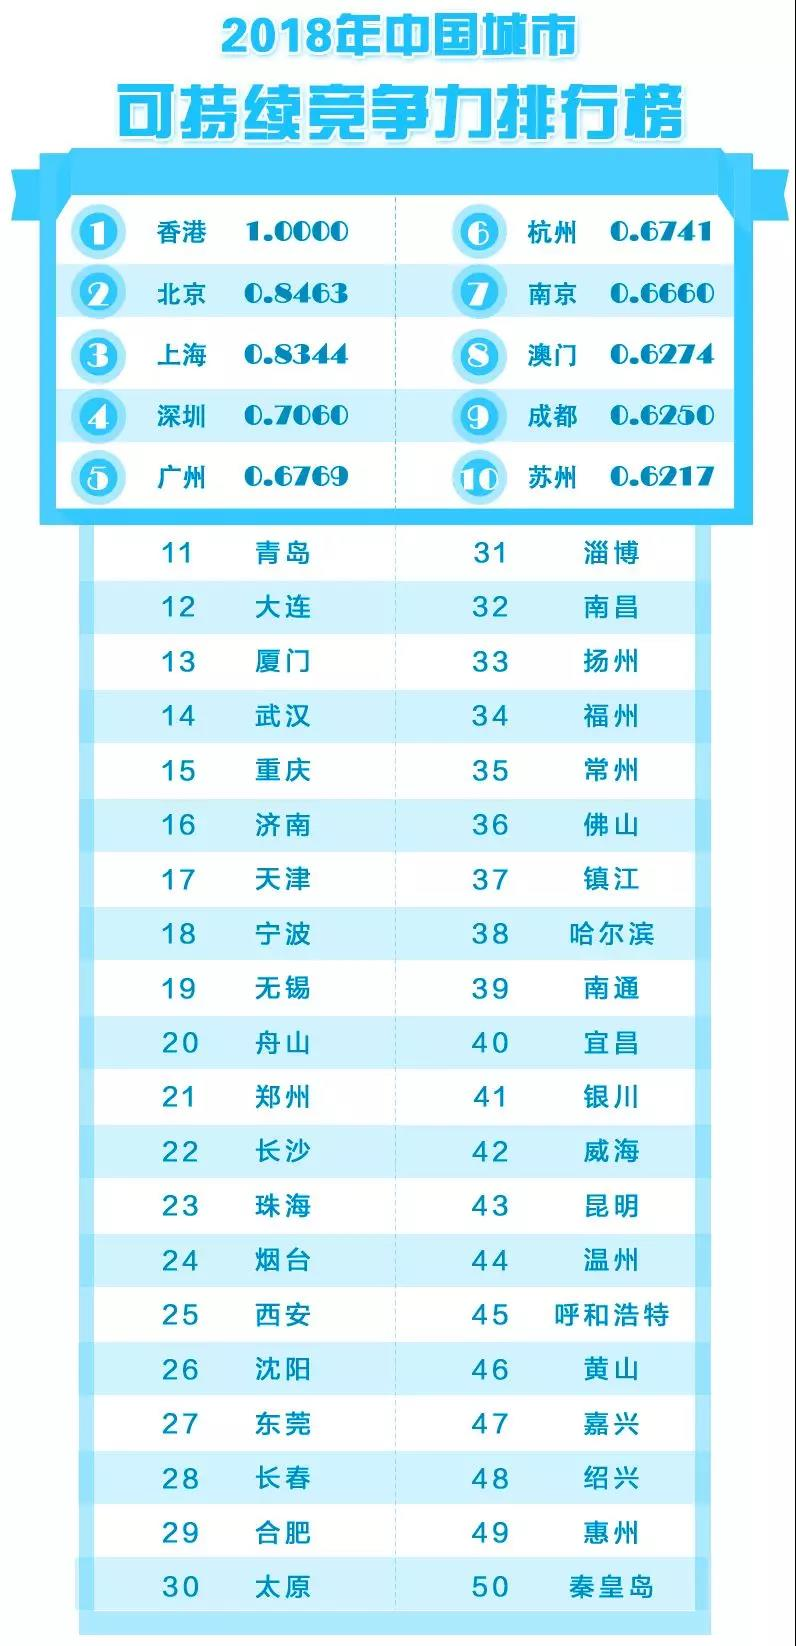 2018年中国城市可持续竞争力排行榜.jpg